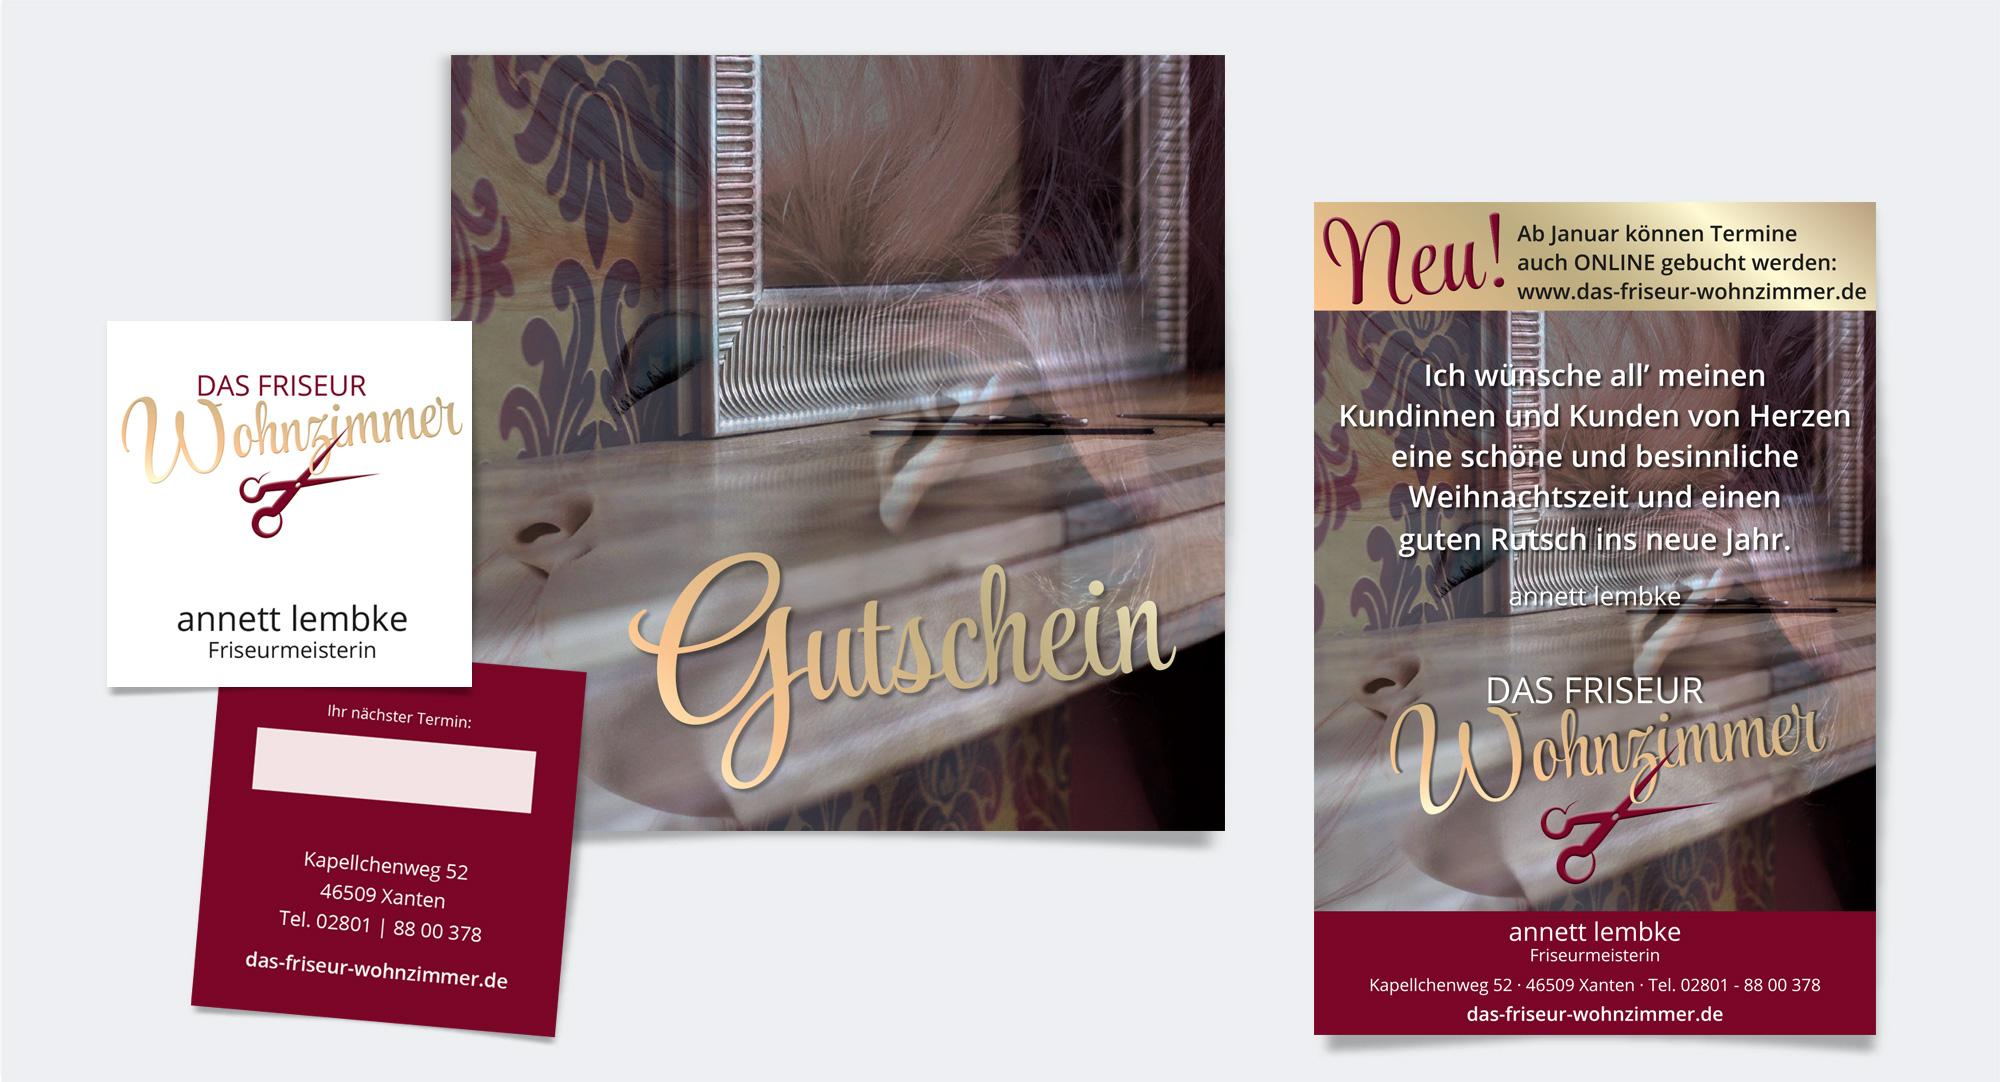 Das Friseurwohnzimmer, Annett Lembke – Visitenkarte, Gutschein, Anzeige